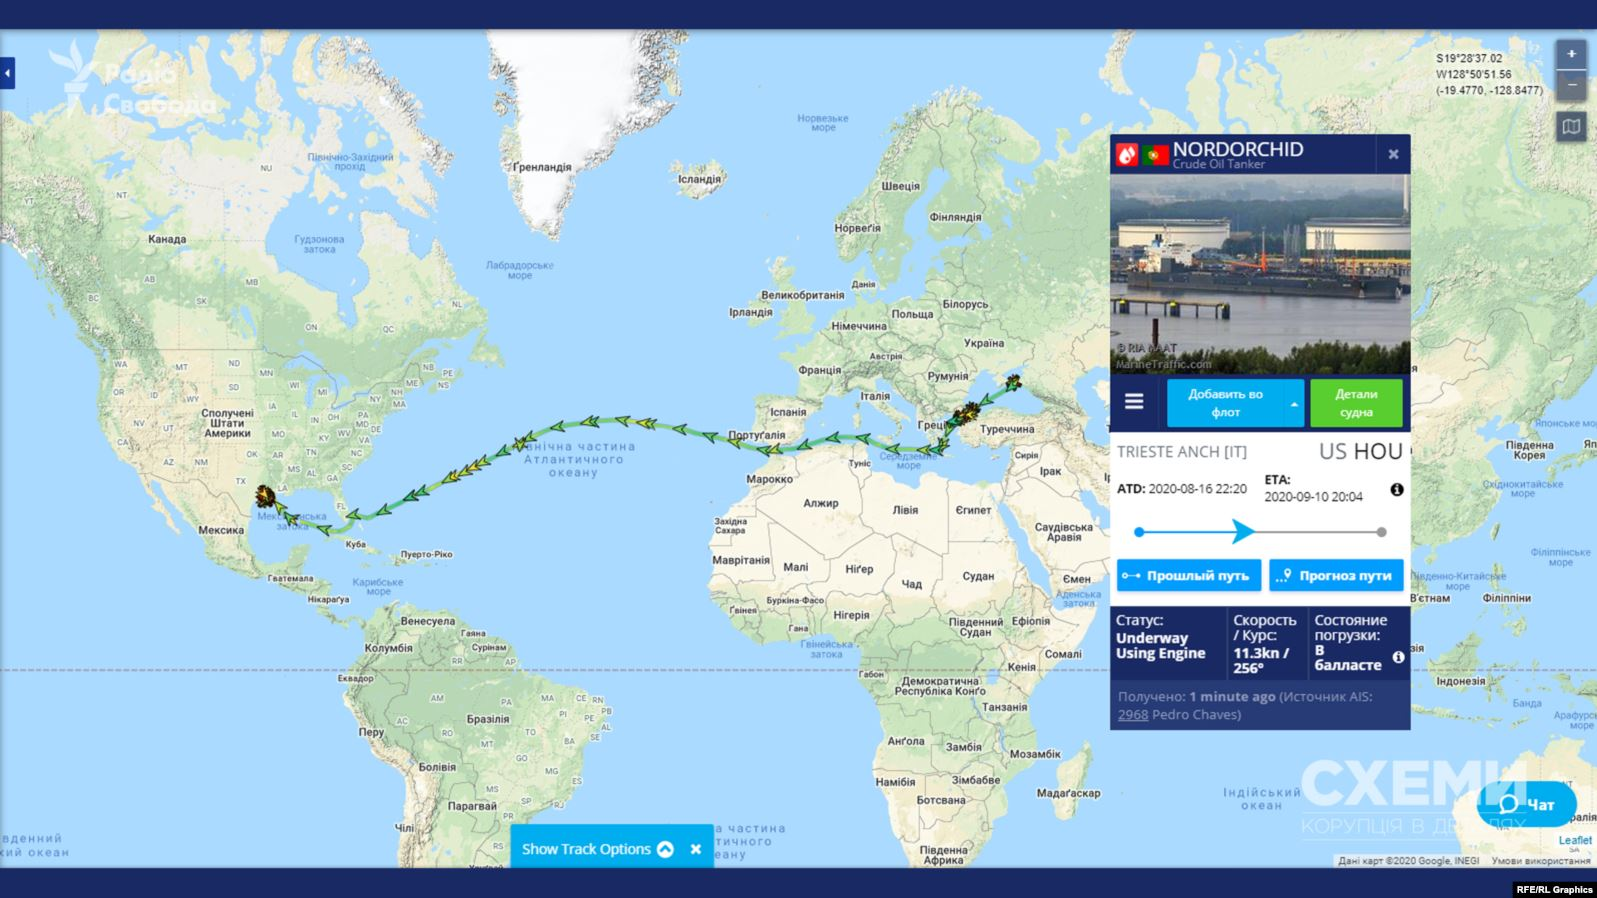 Cлід танкера Nordorchid веде до нейтральних вод Чорного моря, тієї зони, де судна-накопичувачі компанії родини Медведчука перевантажують нафтопродукти на інші танкери